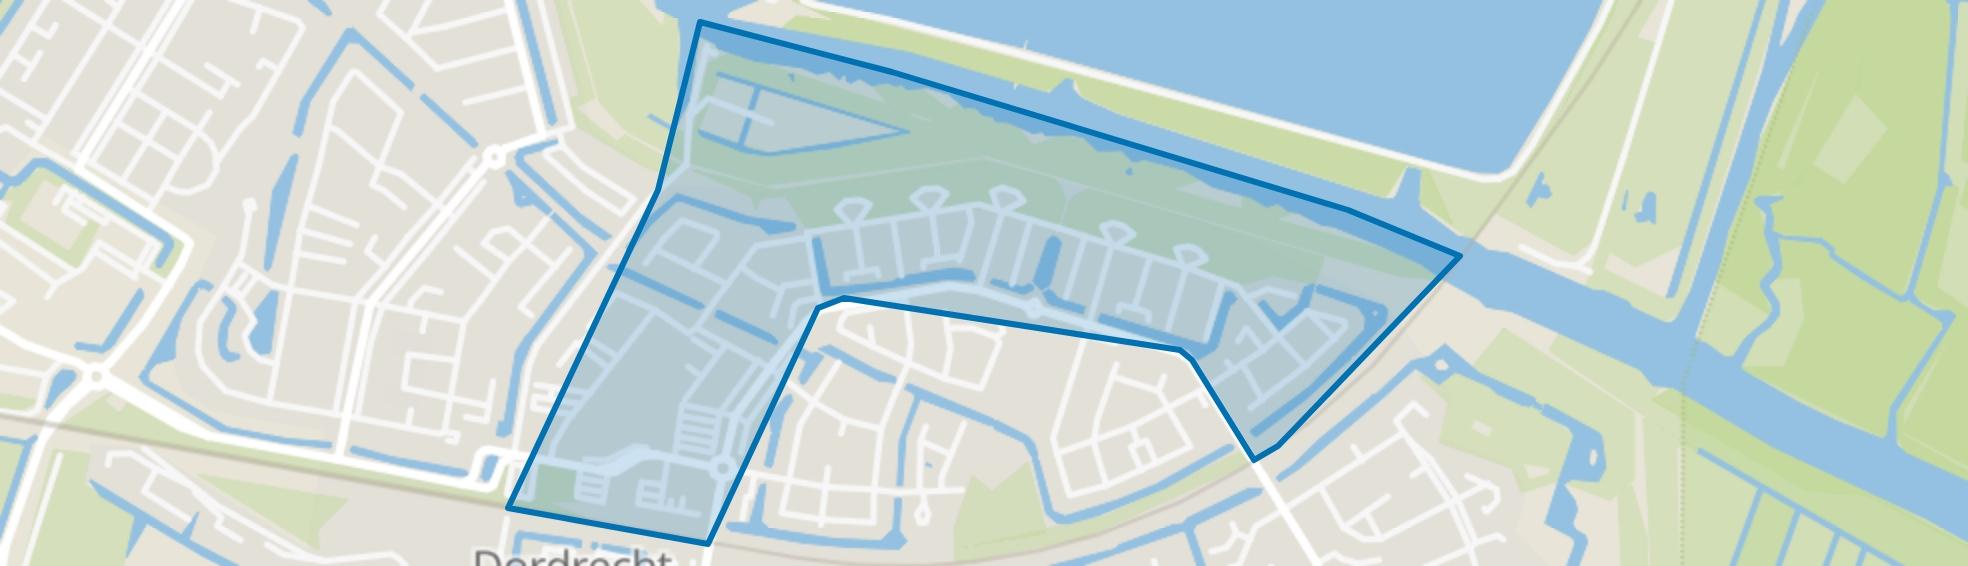 Van Ravesteijn-erf en omgeving, Dordrecht map